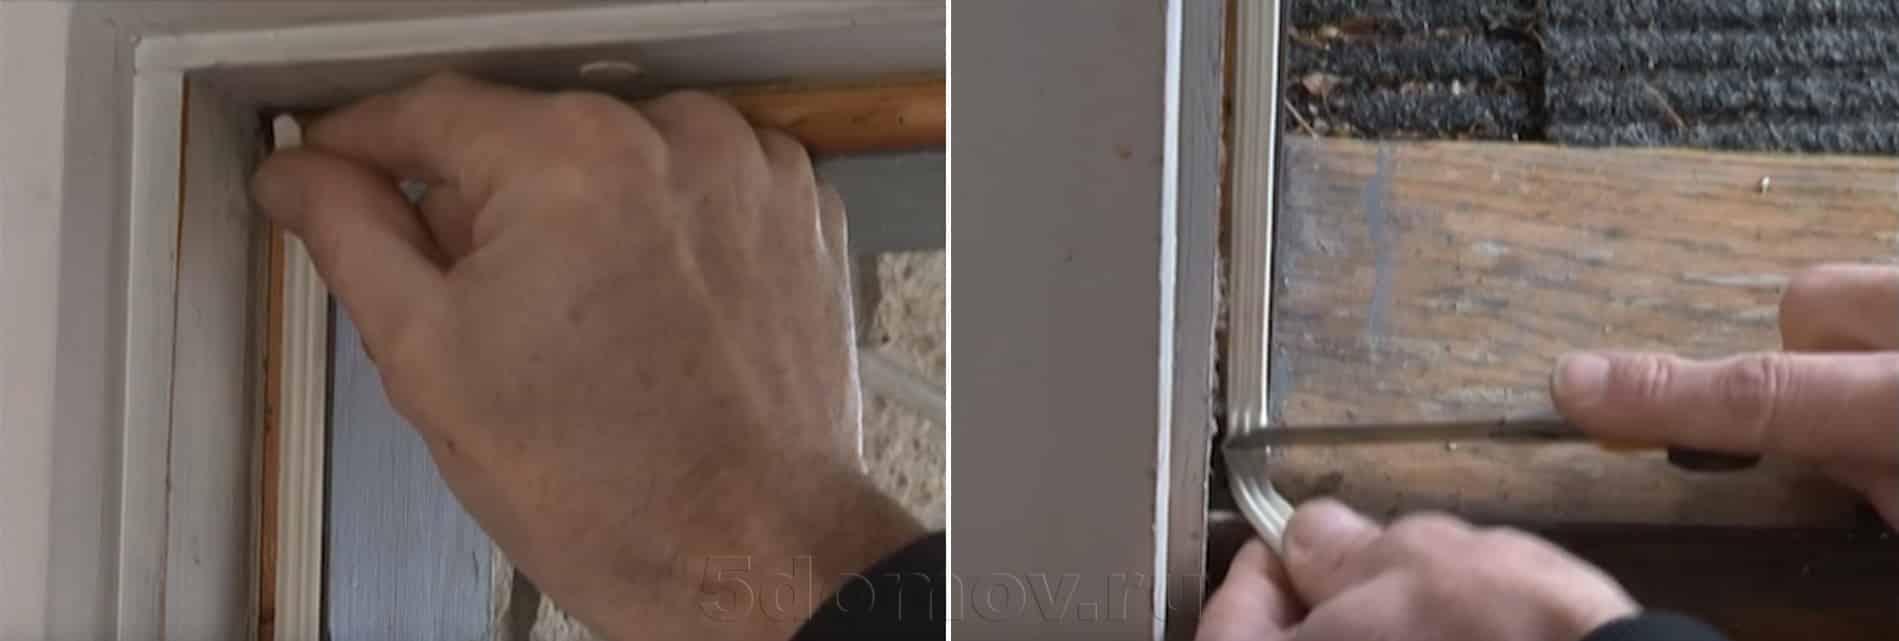 Самоклеющиеся ленты | Чем и как заделать щель в двери